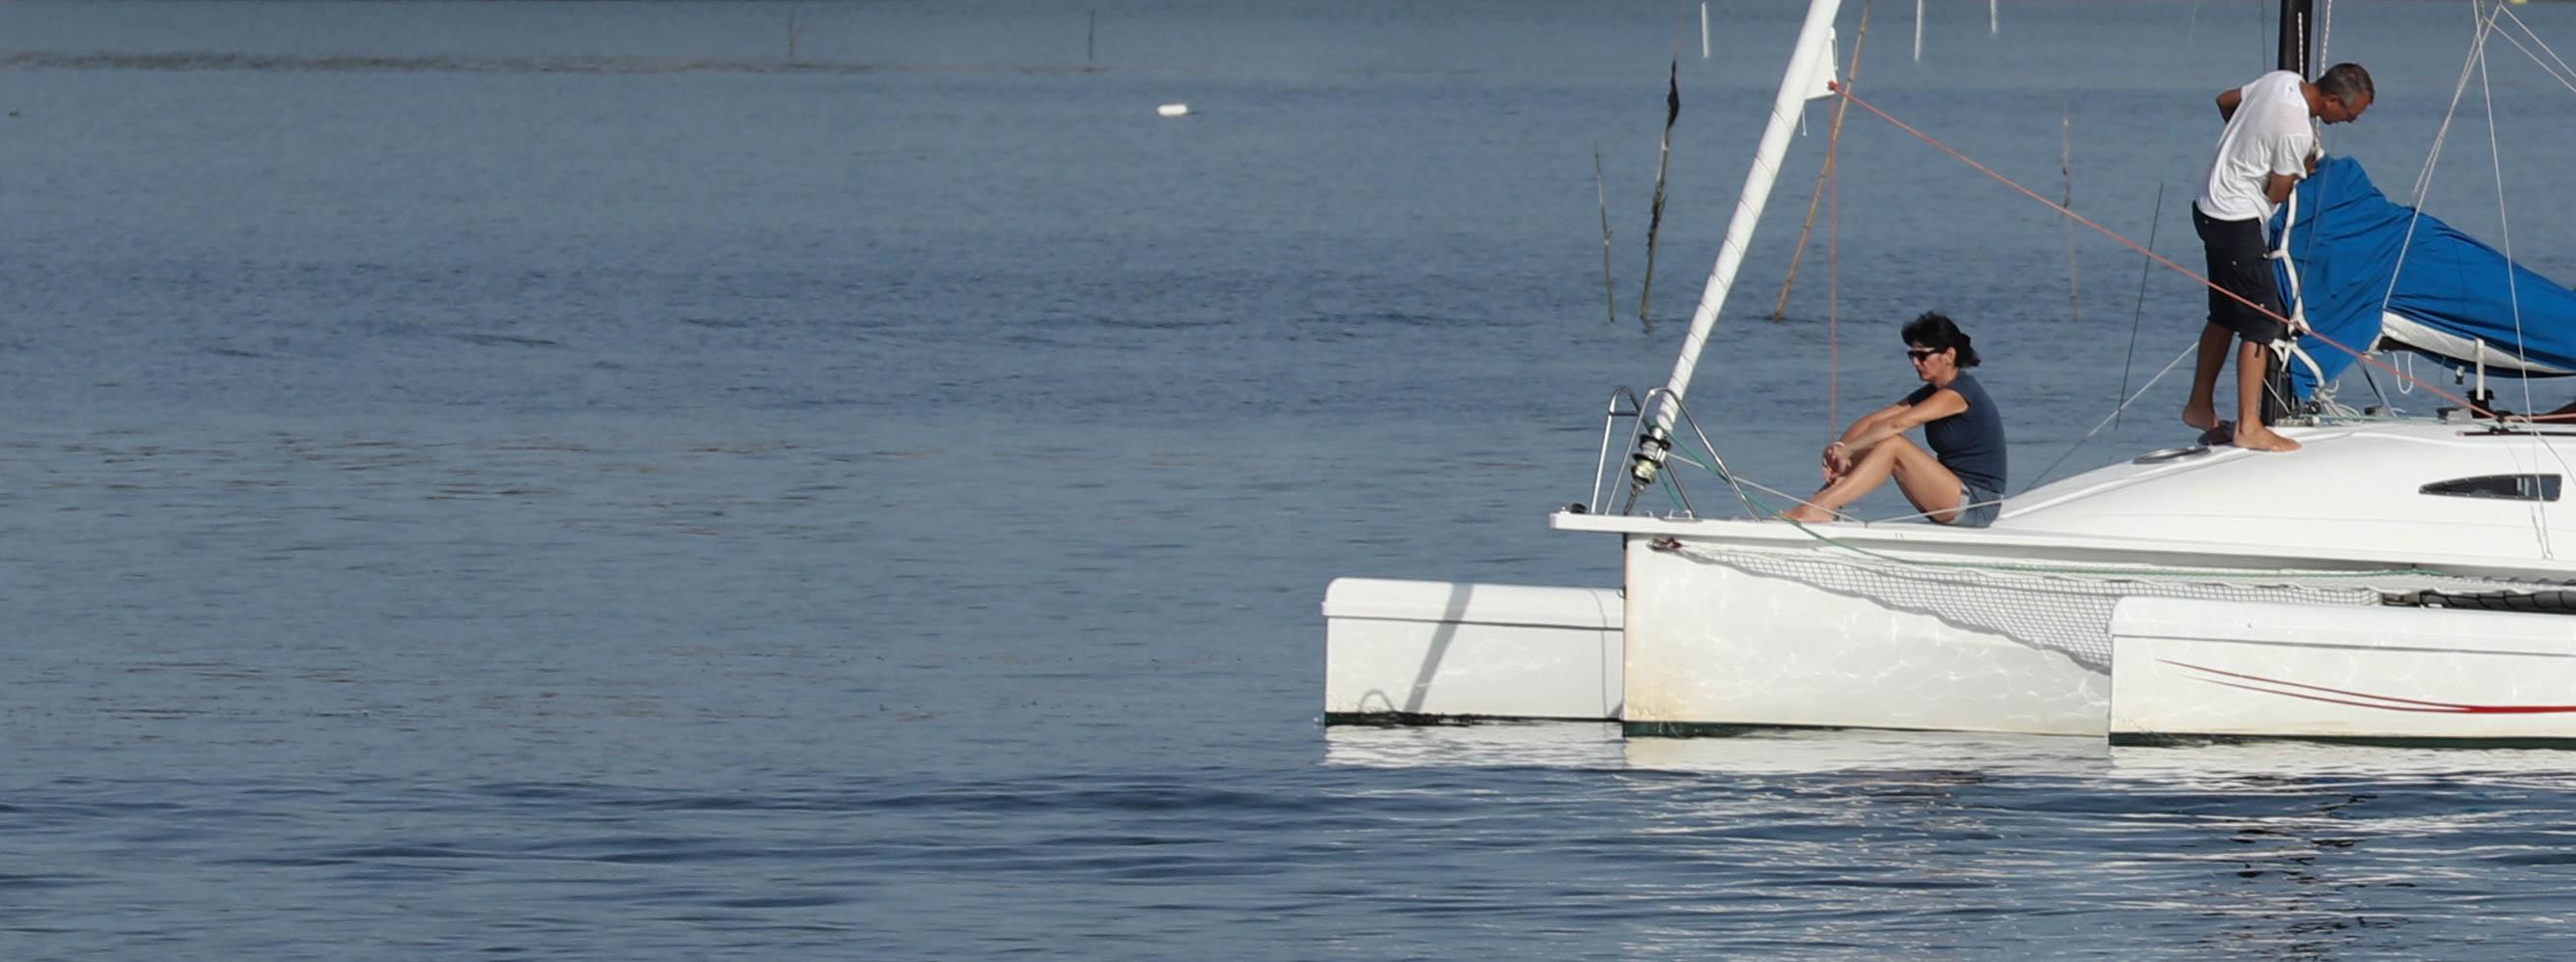 figure de proue, la trinité sur mer, 6 août 18, 8h45 (1 sur 1).jpg